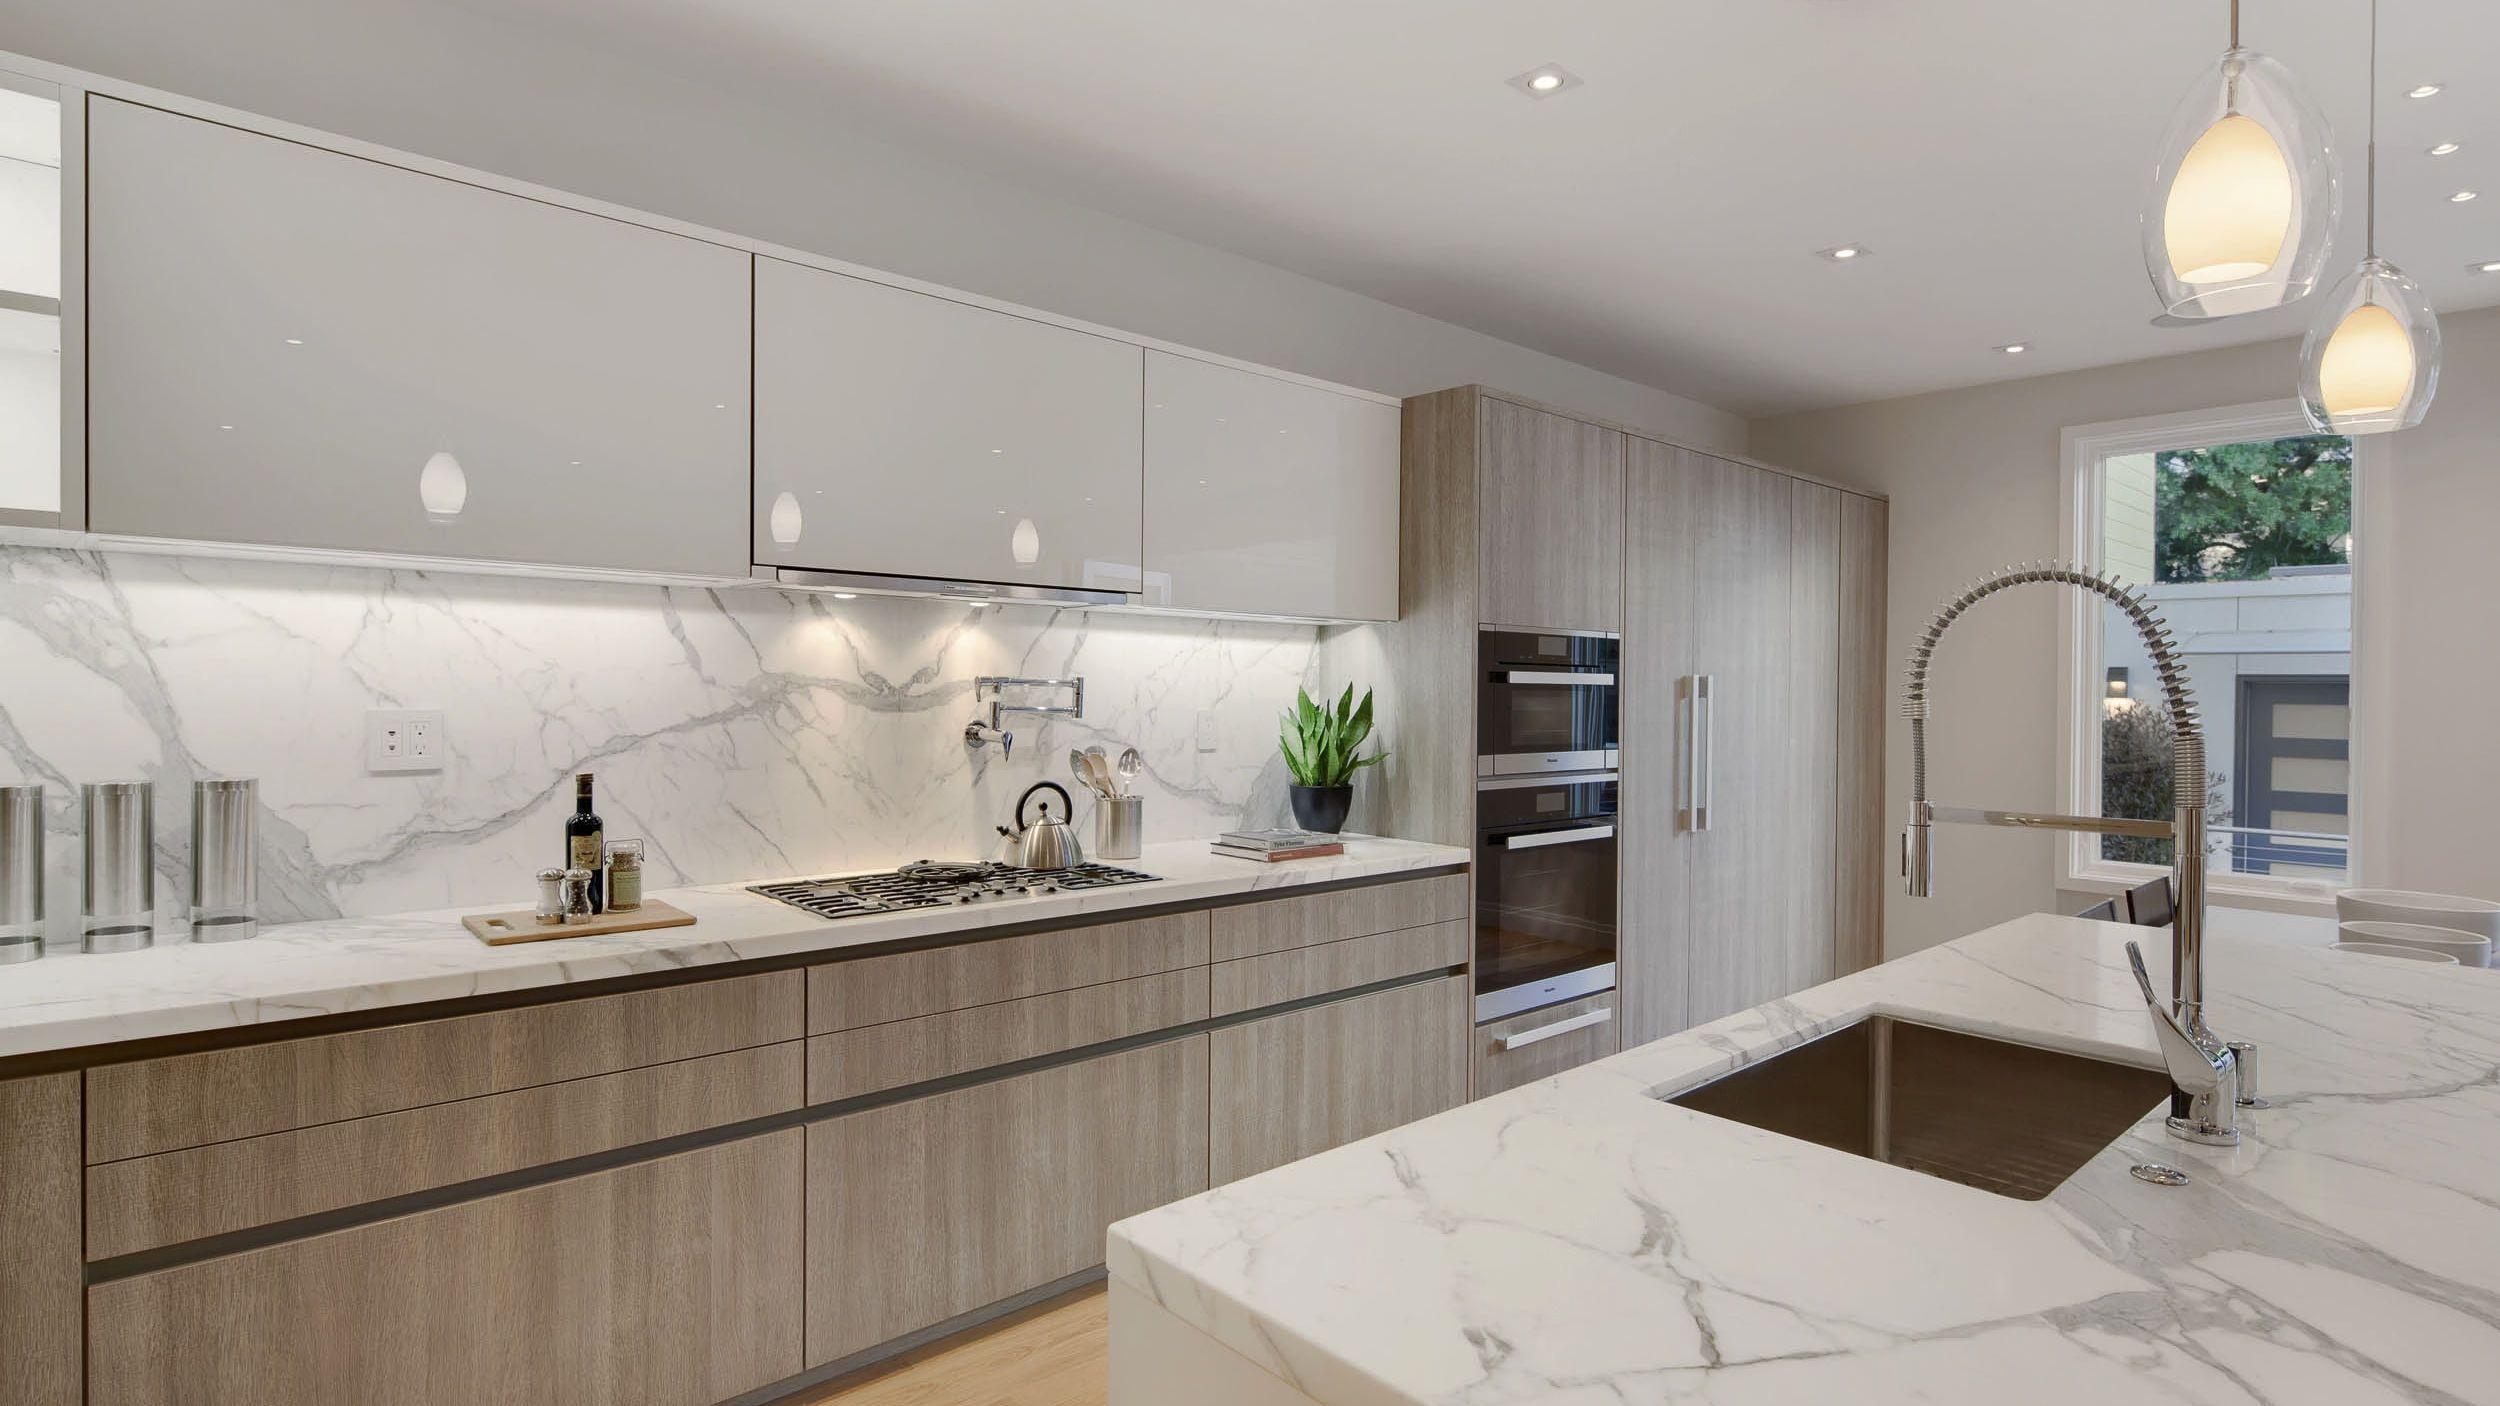 Washington St I Kitchen Design Interior Design Living Room Kitchen